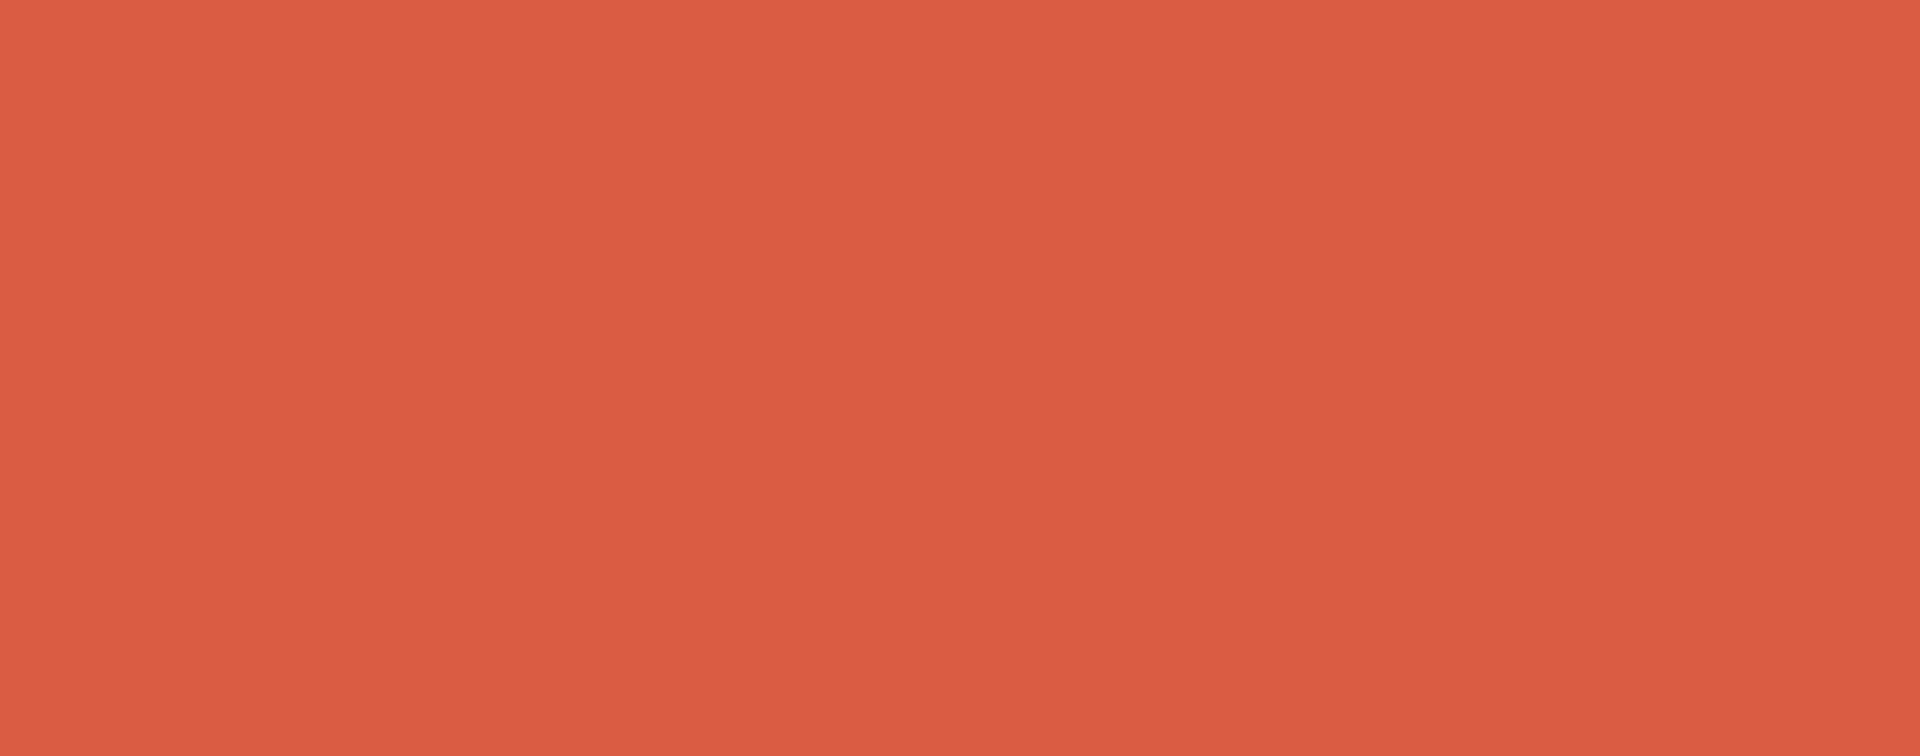 large_orange_background_image.jpg